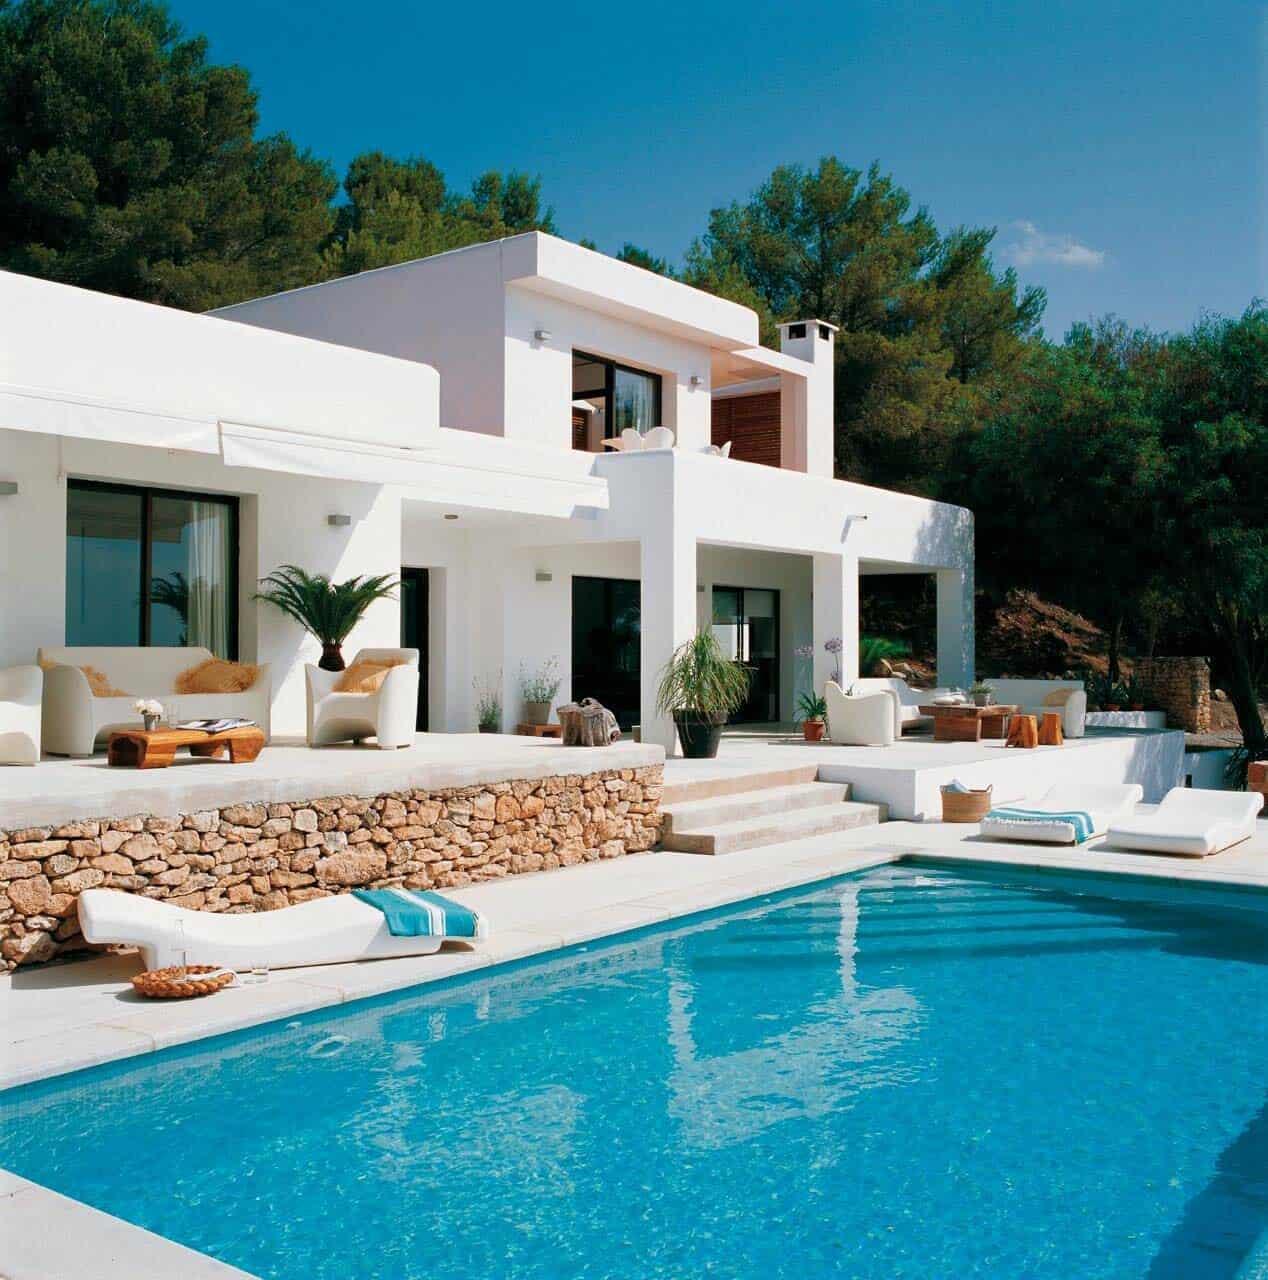 mediterranean-style-exterior